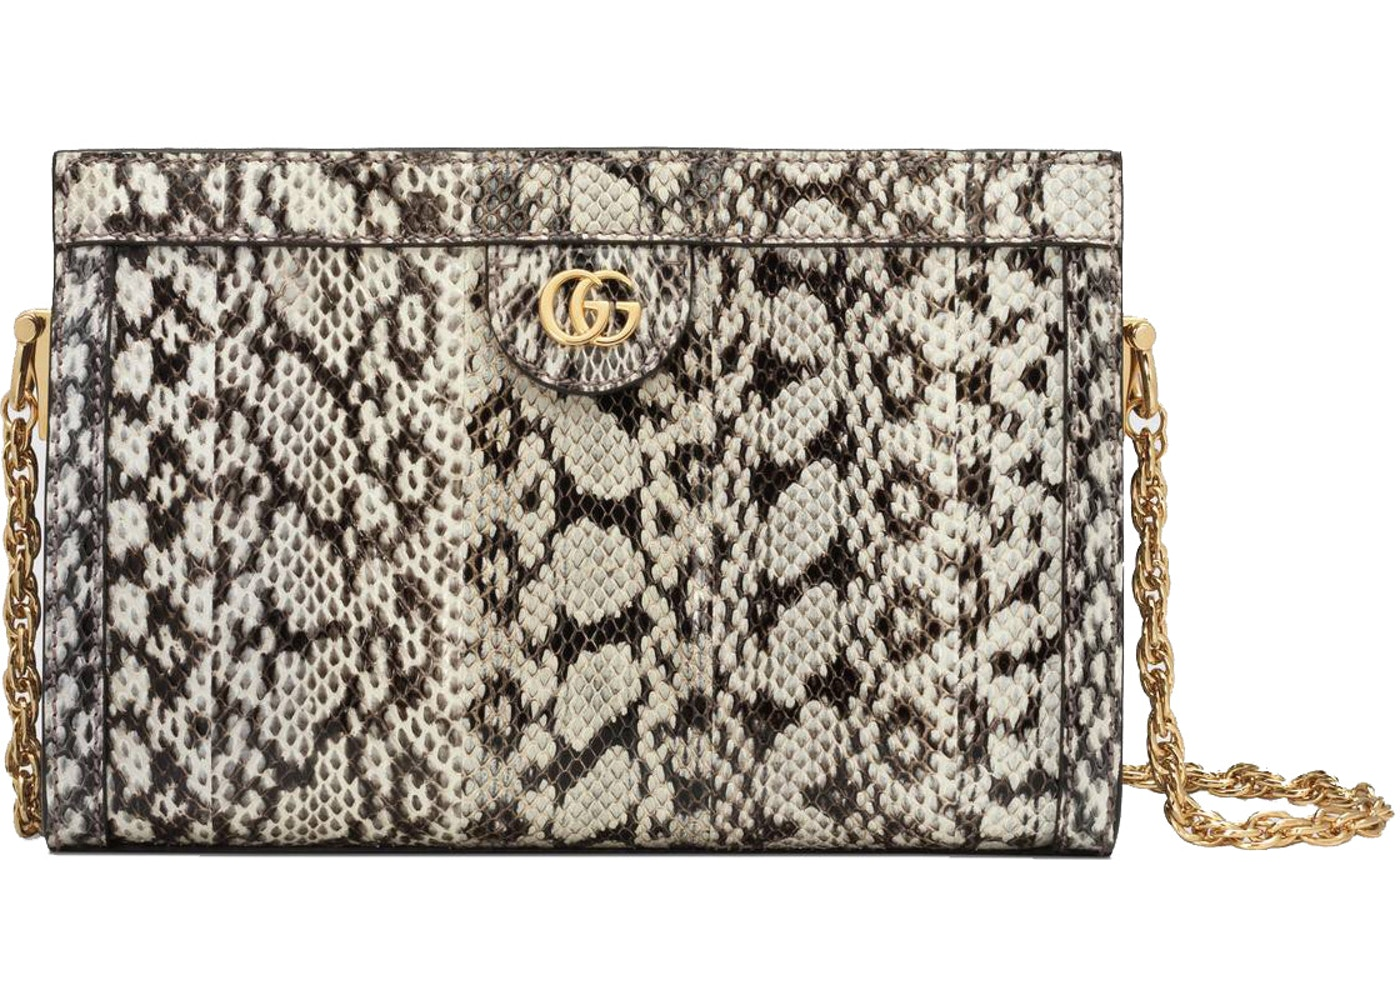 Gucci Ophidia Shoulder Bag Snakeskin